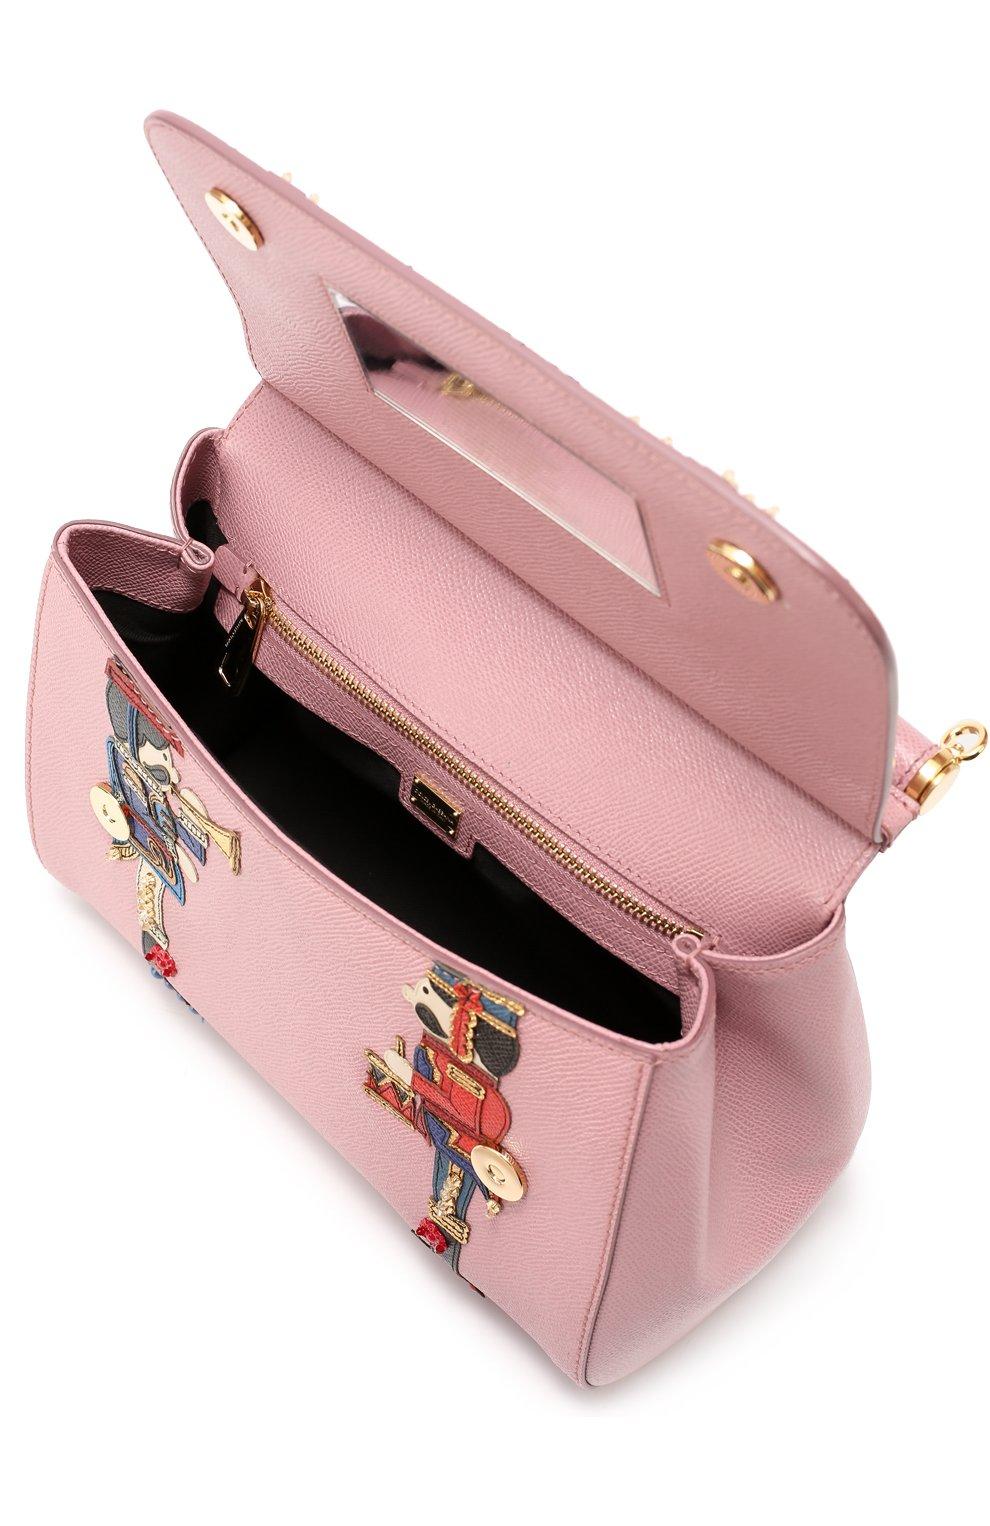 Сумка Sicily medium с аппликациями Dolce & Gabbana розовая цвета | Фото №4